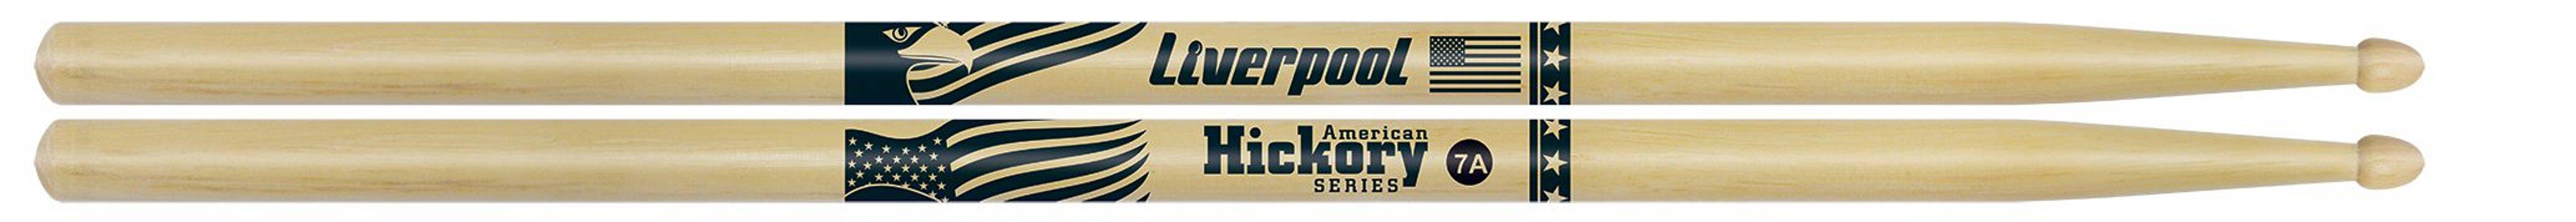 Baqueta Liverpool Hickory 7A Ponta Madeira